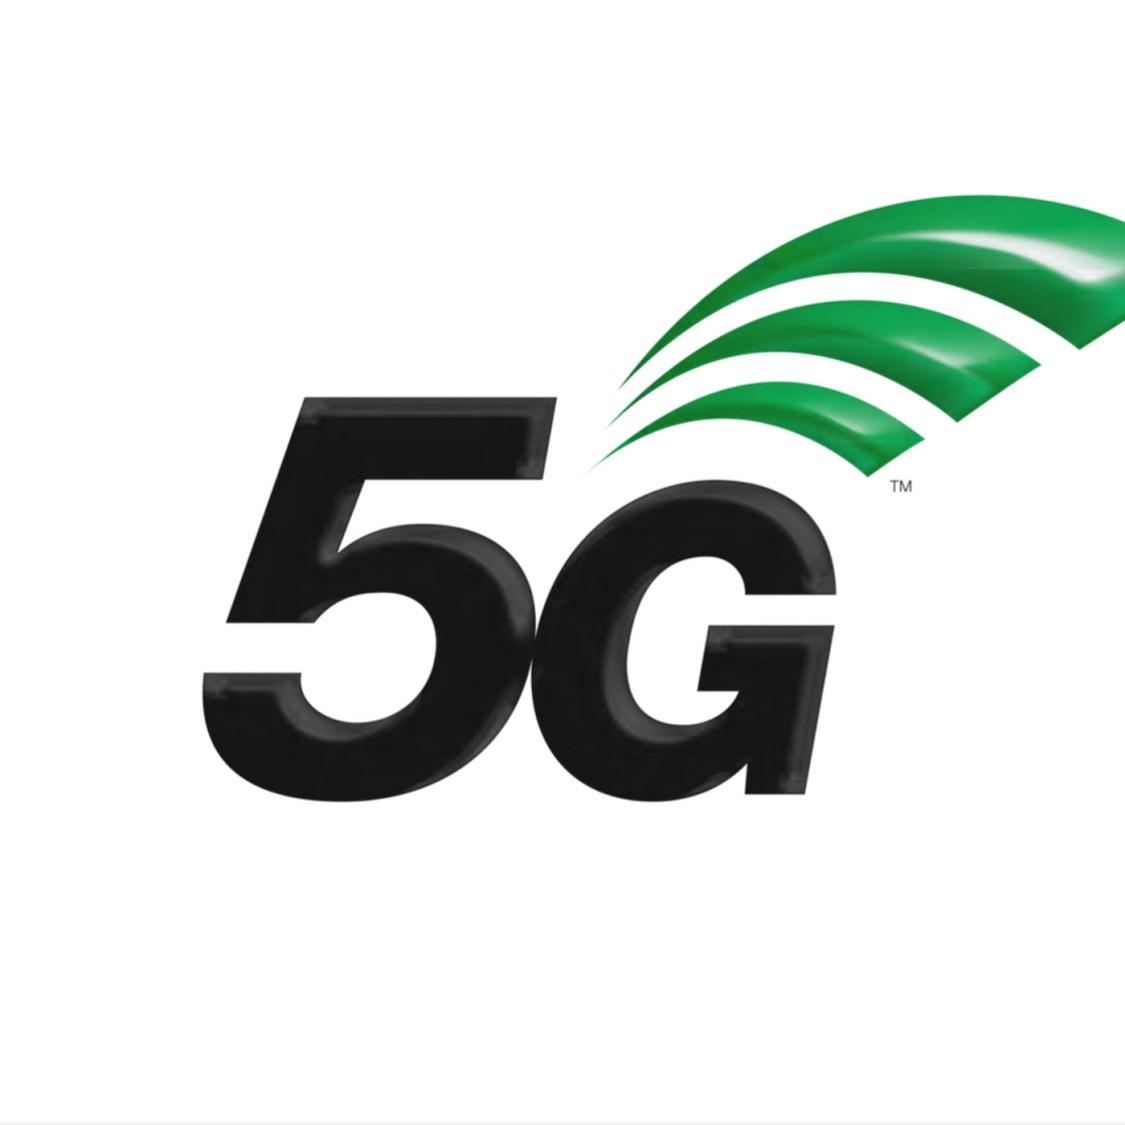 Så här långt har Sverige kommit när det gäller 5G